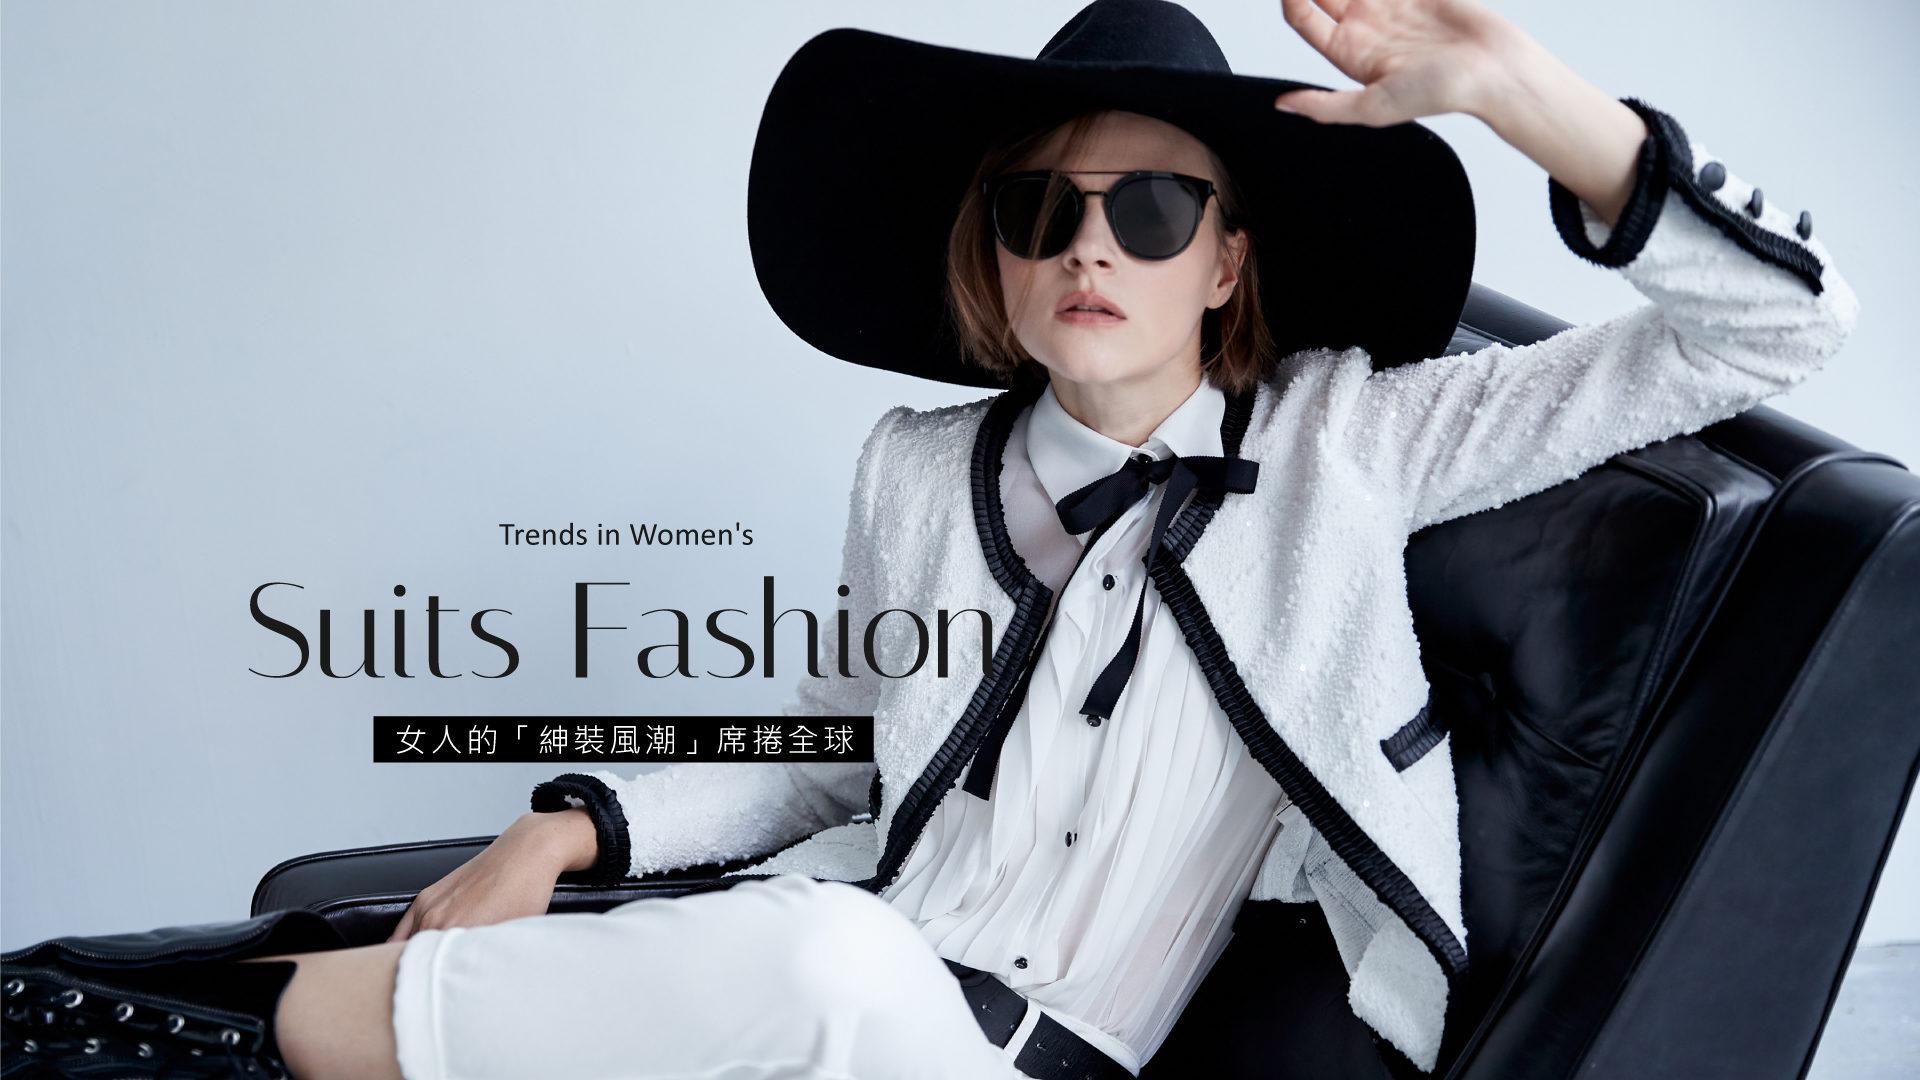 誰說西裝是男人的專利!女人的紳裝風潮強勢上街